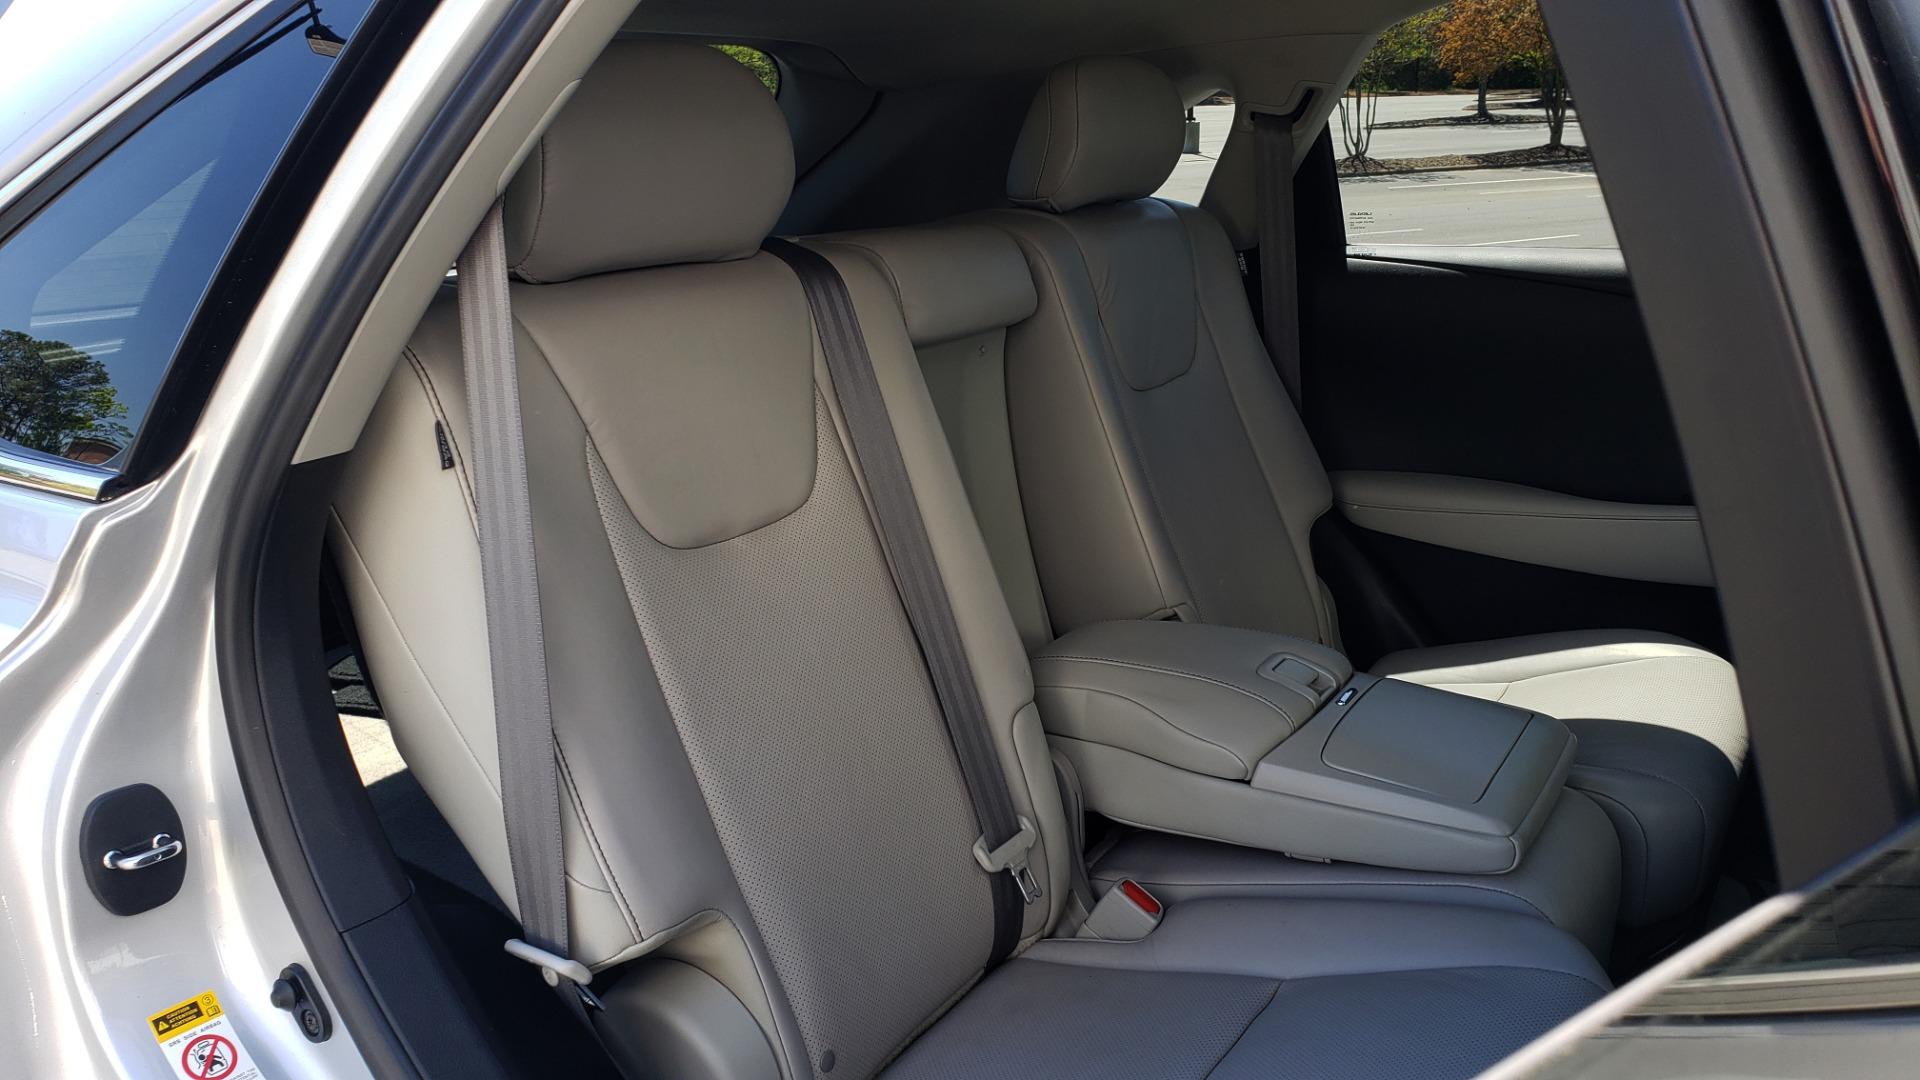 Used 2015 Lexus RX 450H AWD / PREM PKG / NAV / PARK ASST / HUD / BLIND SPOT MONITOR for sale Sold at Formula Imports in Charlotte NC 28227 77